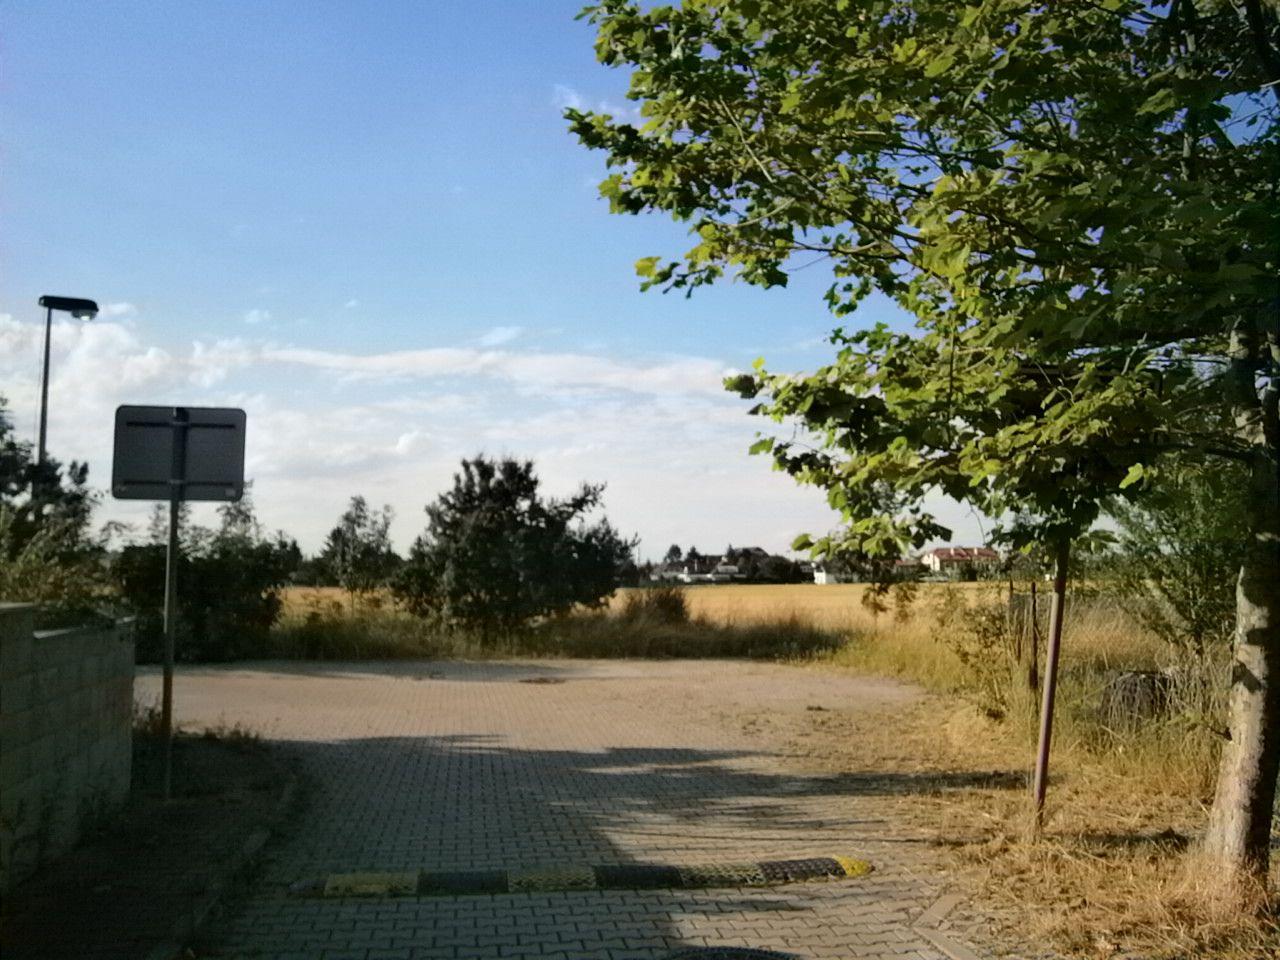 Prodej spoluvlastnických podílů pozemků v Praze 4 Písnici, celková výměra pozemků činí 26.479 m2.